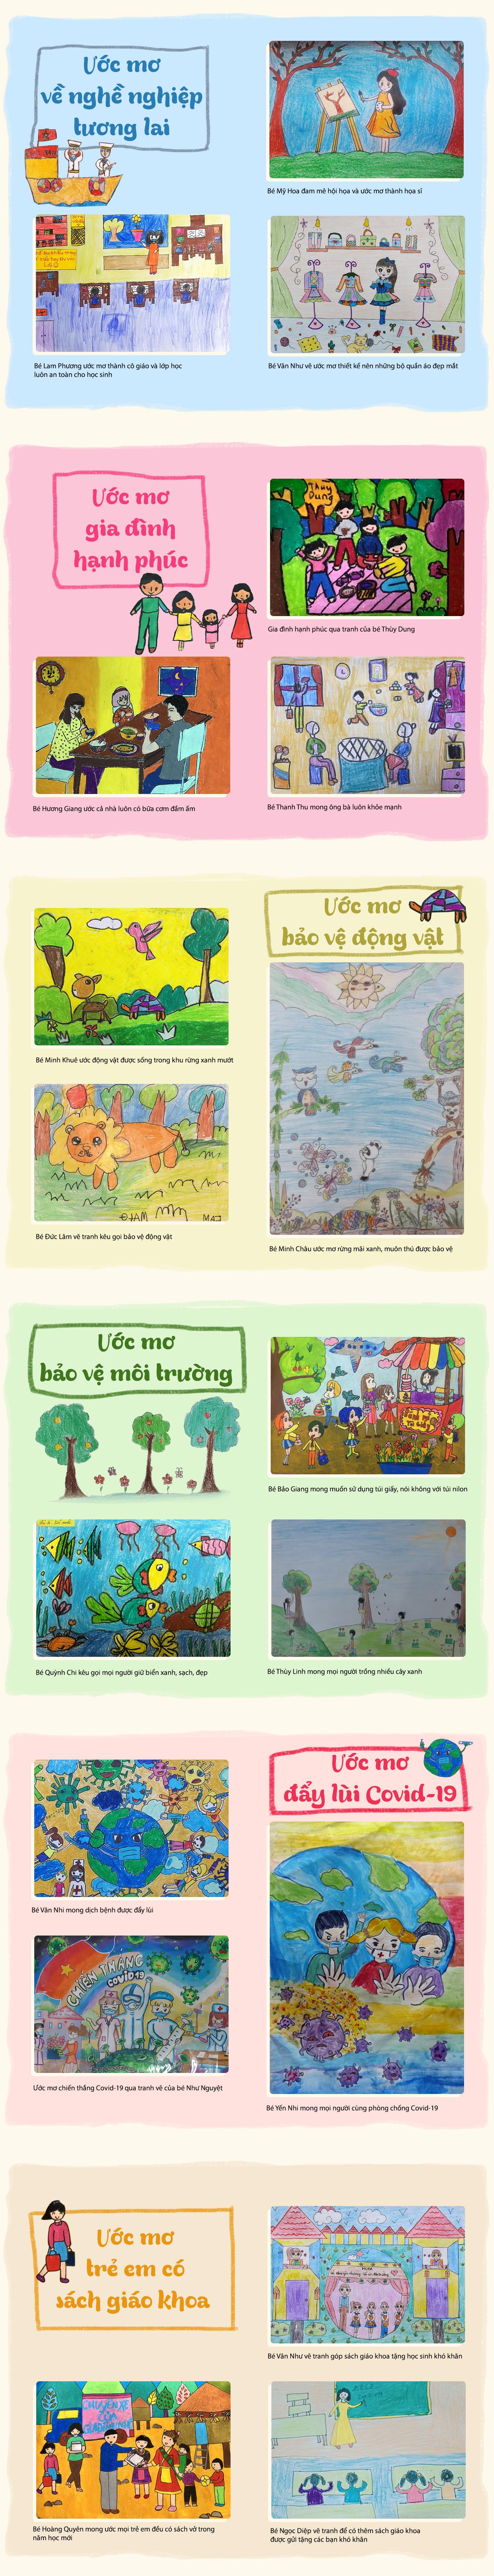 Những ước mơ tuổi thơ qua tranh vẽ